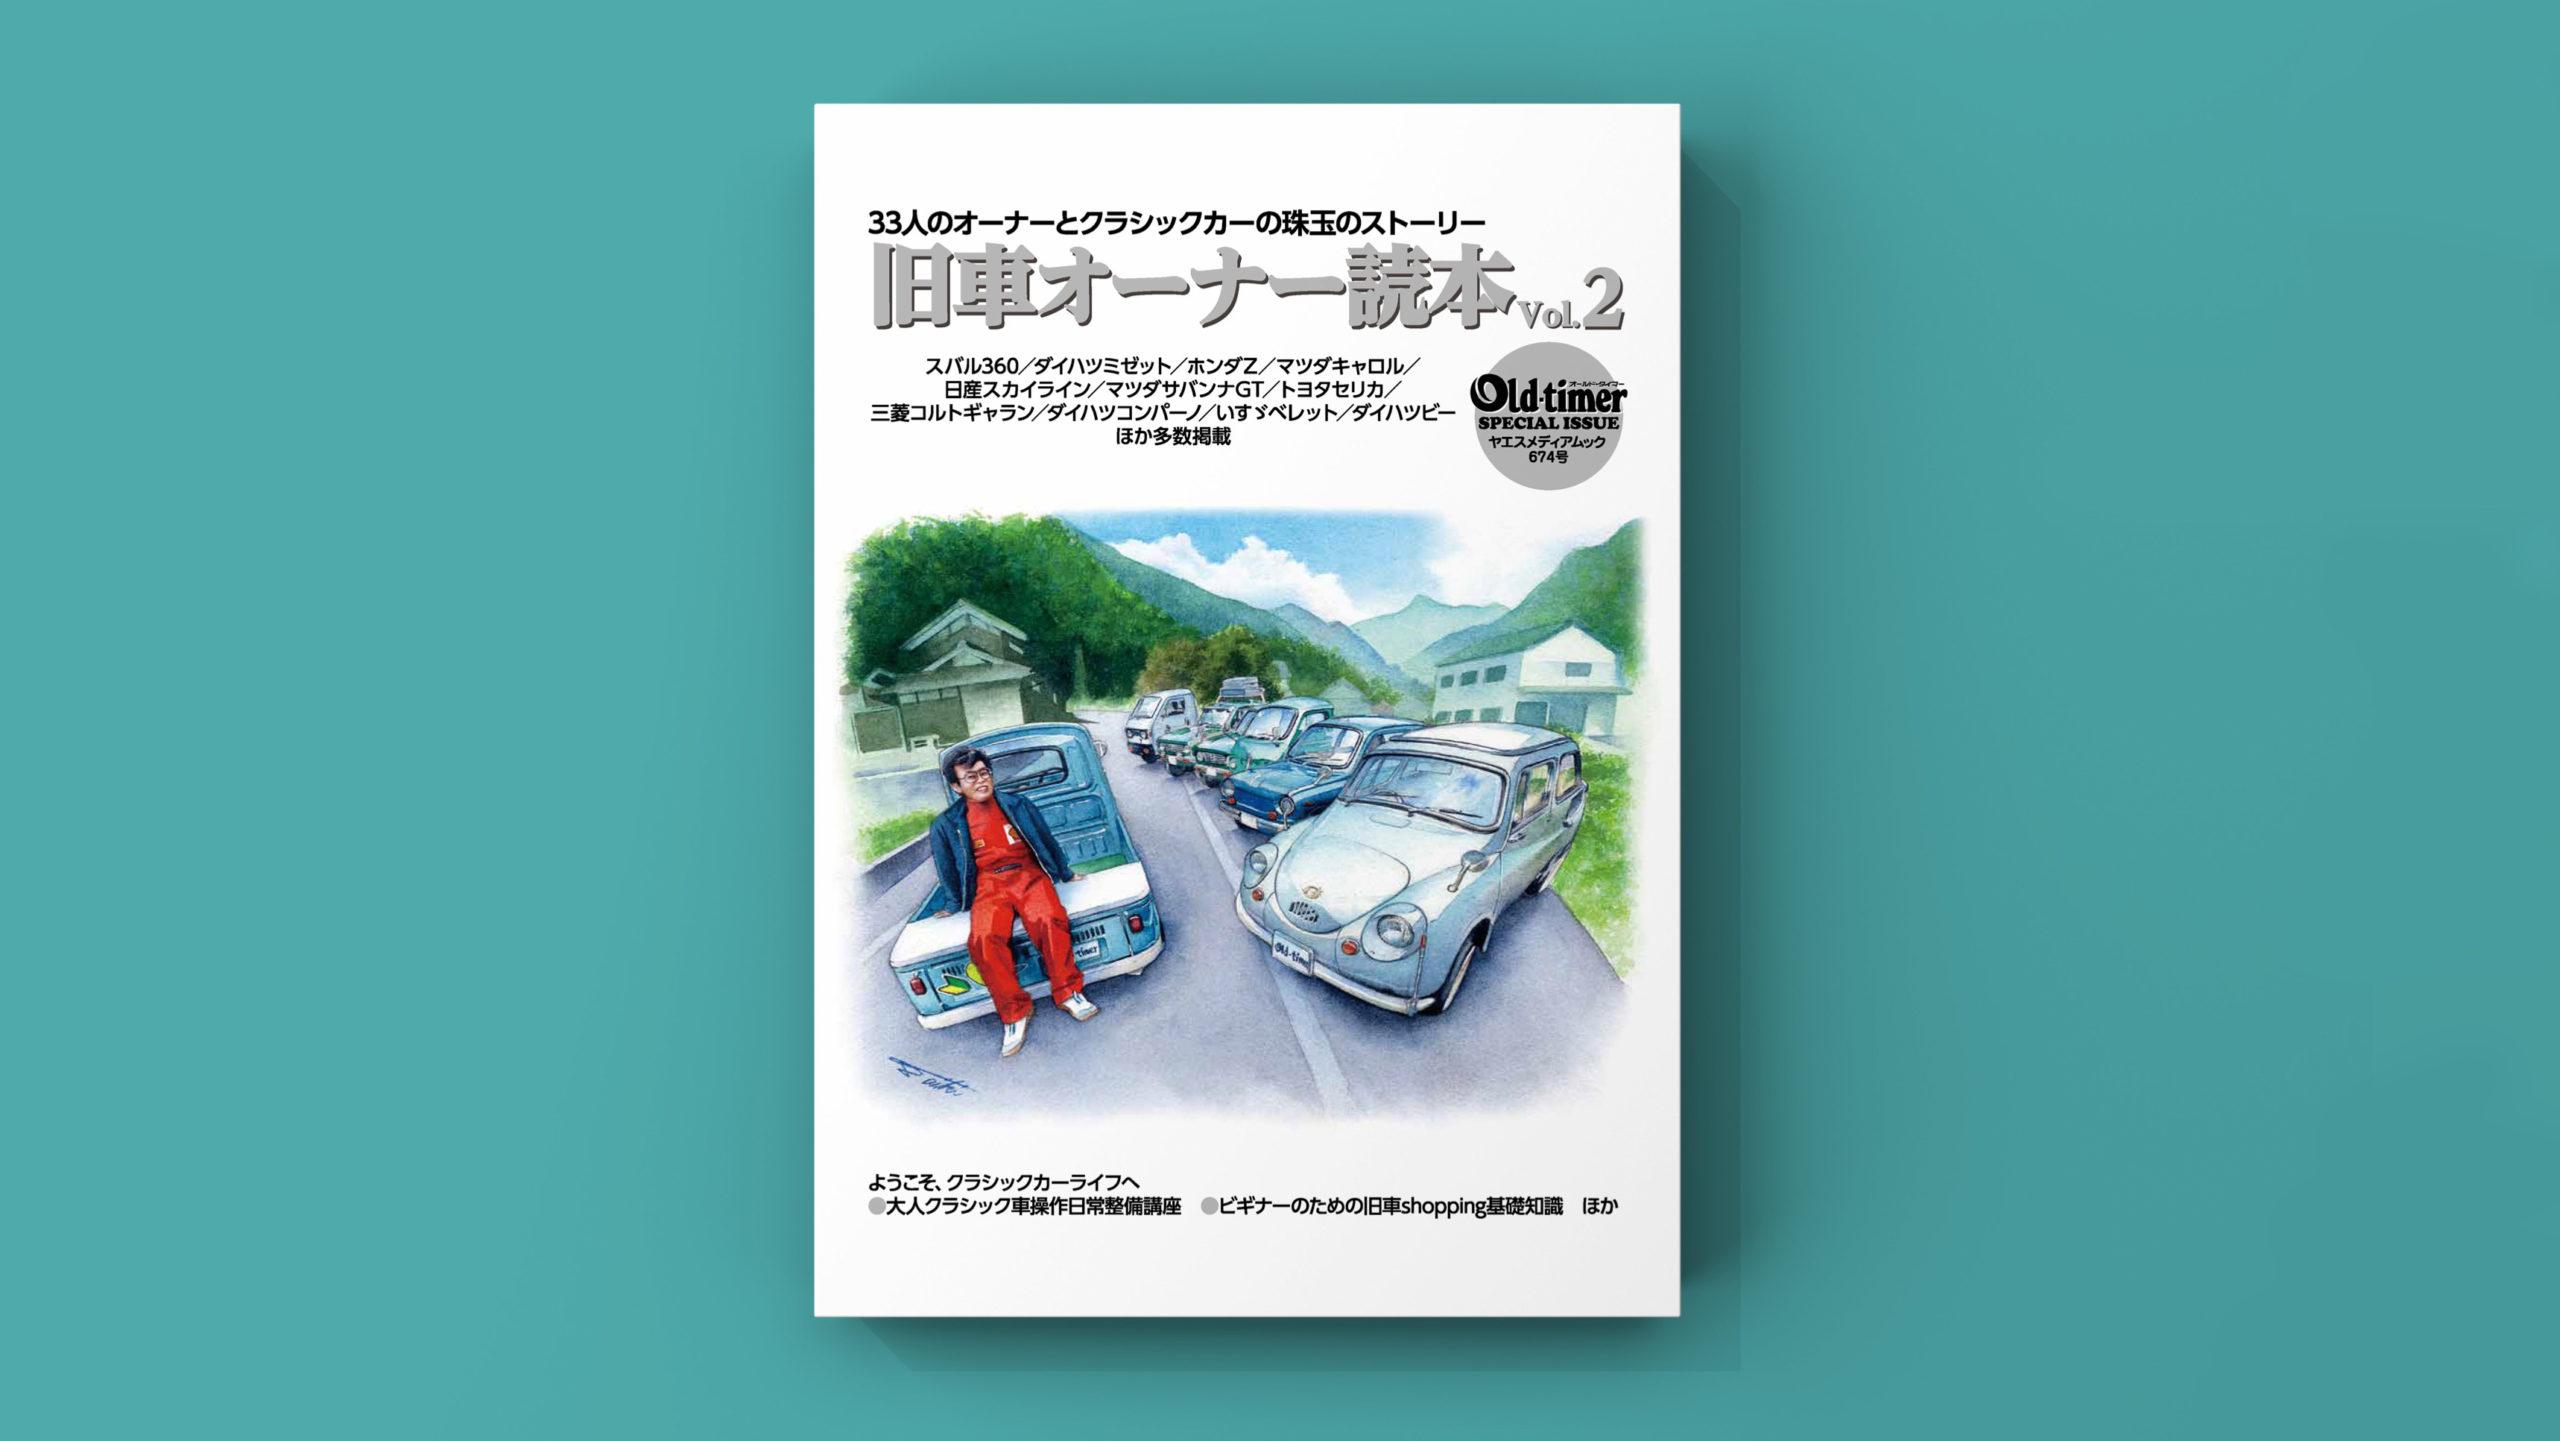 旧車オーナー読本 vol.2 (old-timer ヤエスメディアムック674号) 表紙車イラスト